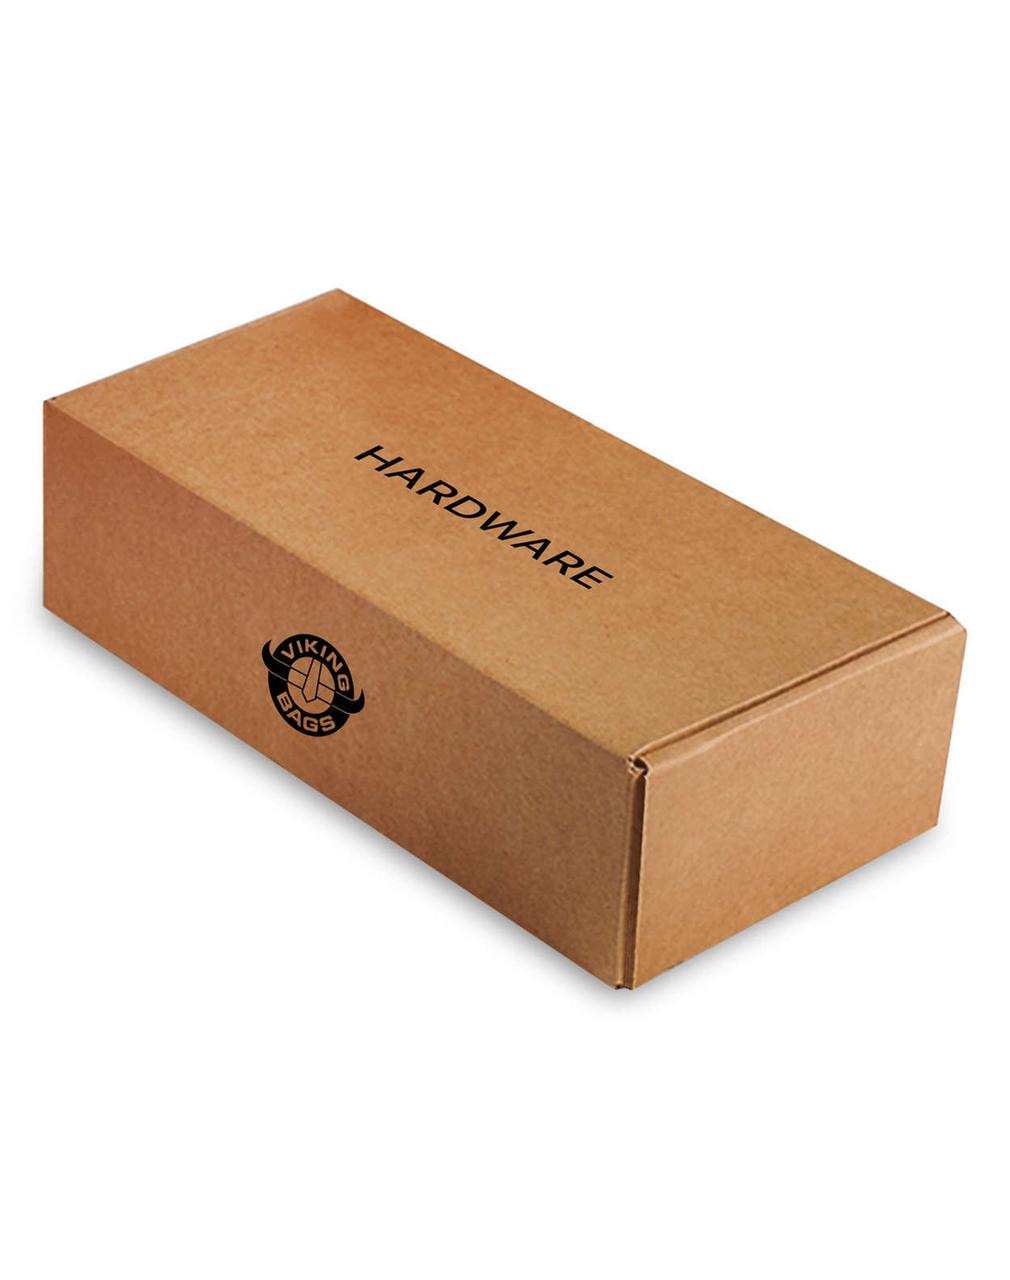 Triumph Thunderbird Slanted Studded Medium Motorcycle Saddlebags Box